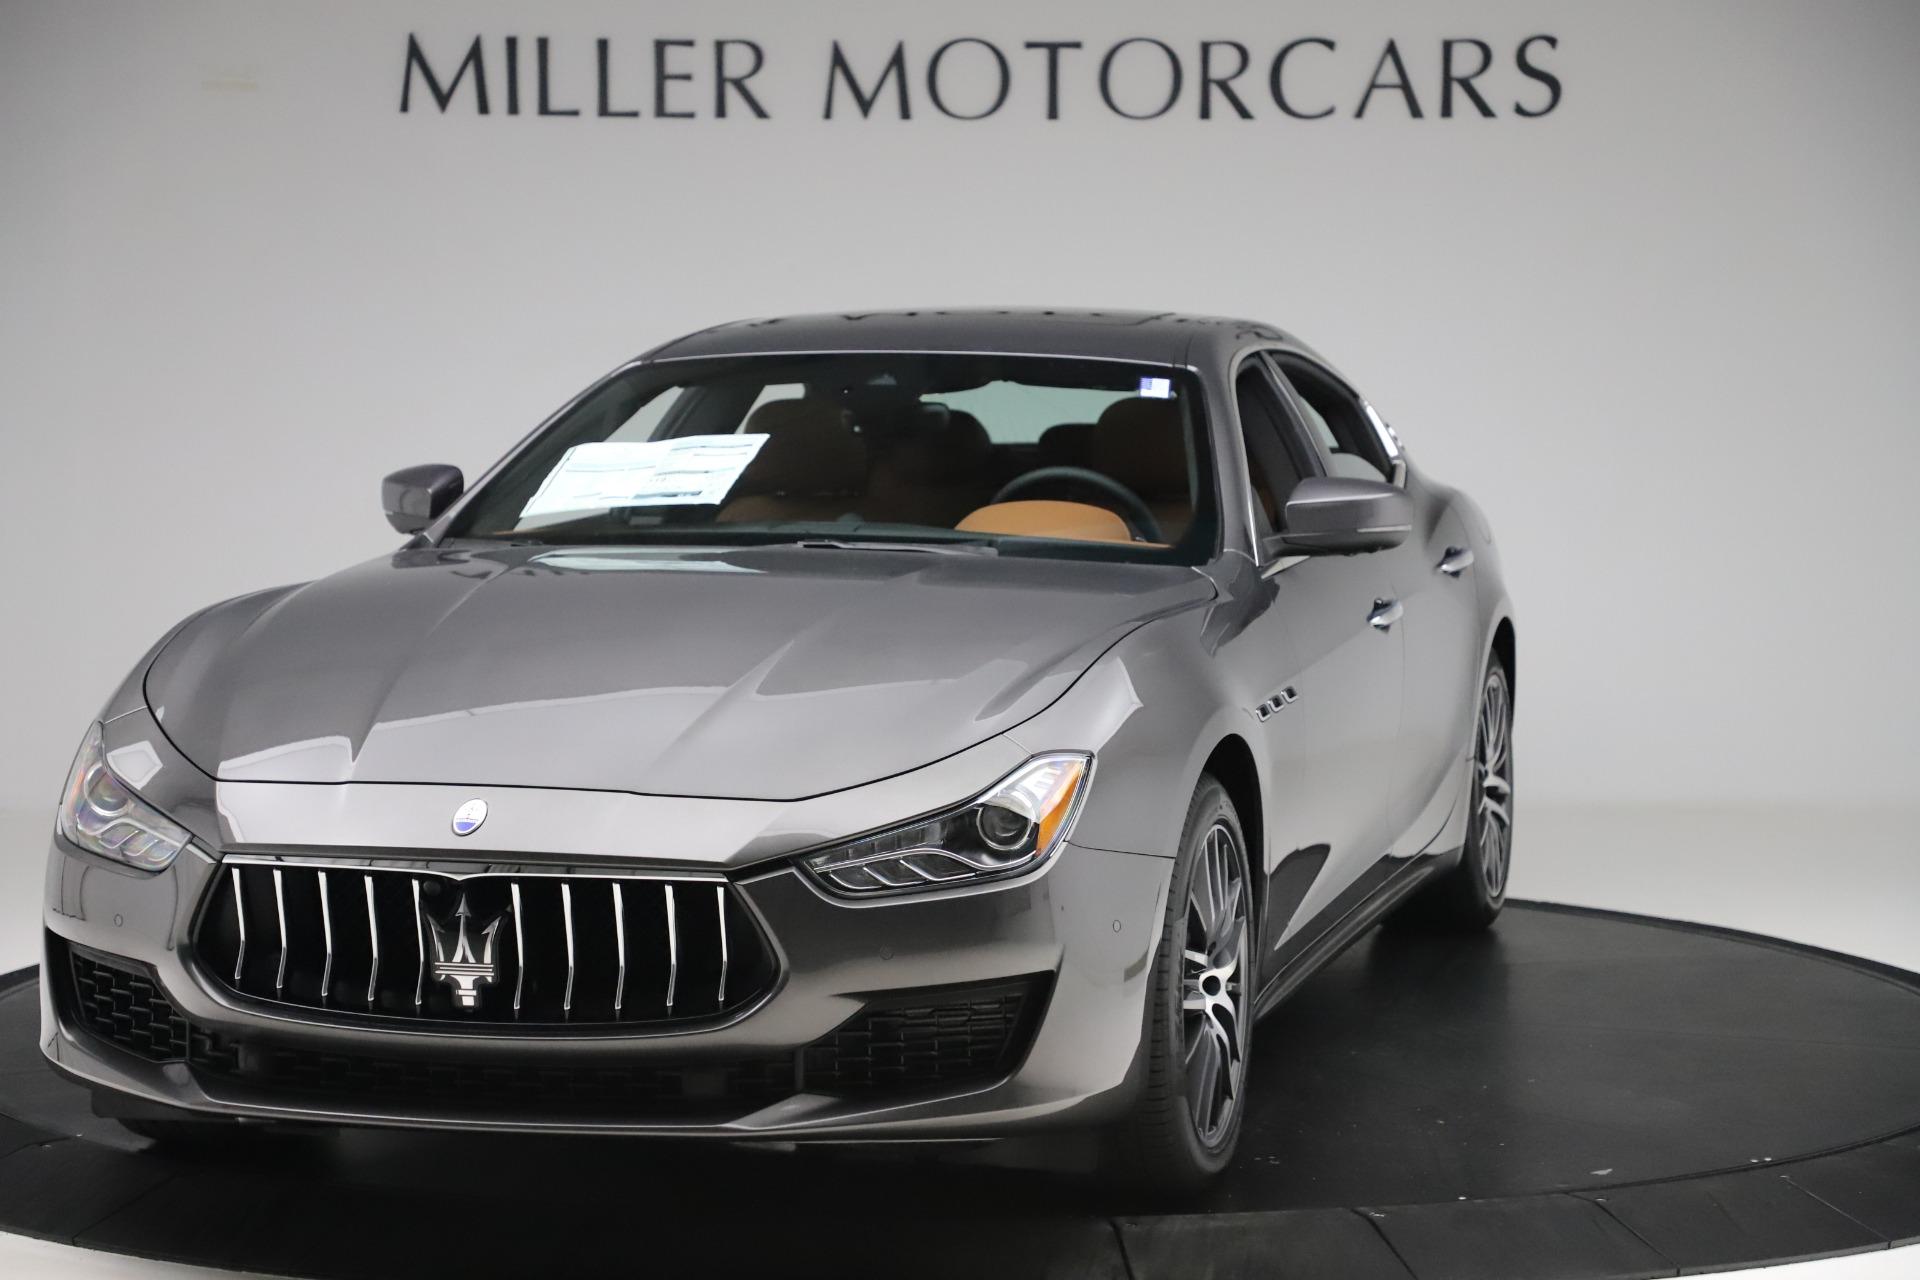 Used 2019 Maserati Ghibli S Q4 for sale $61,900 at Maserati of Westport in Westport CT 06880 1